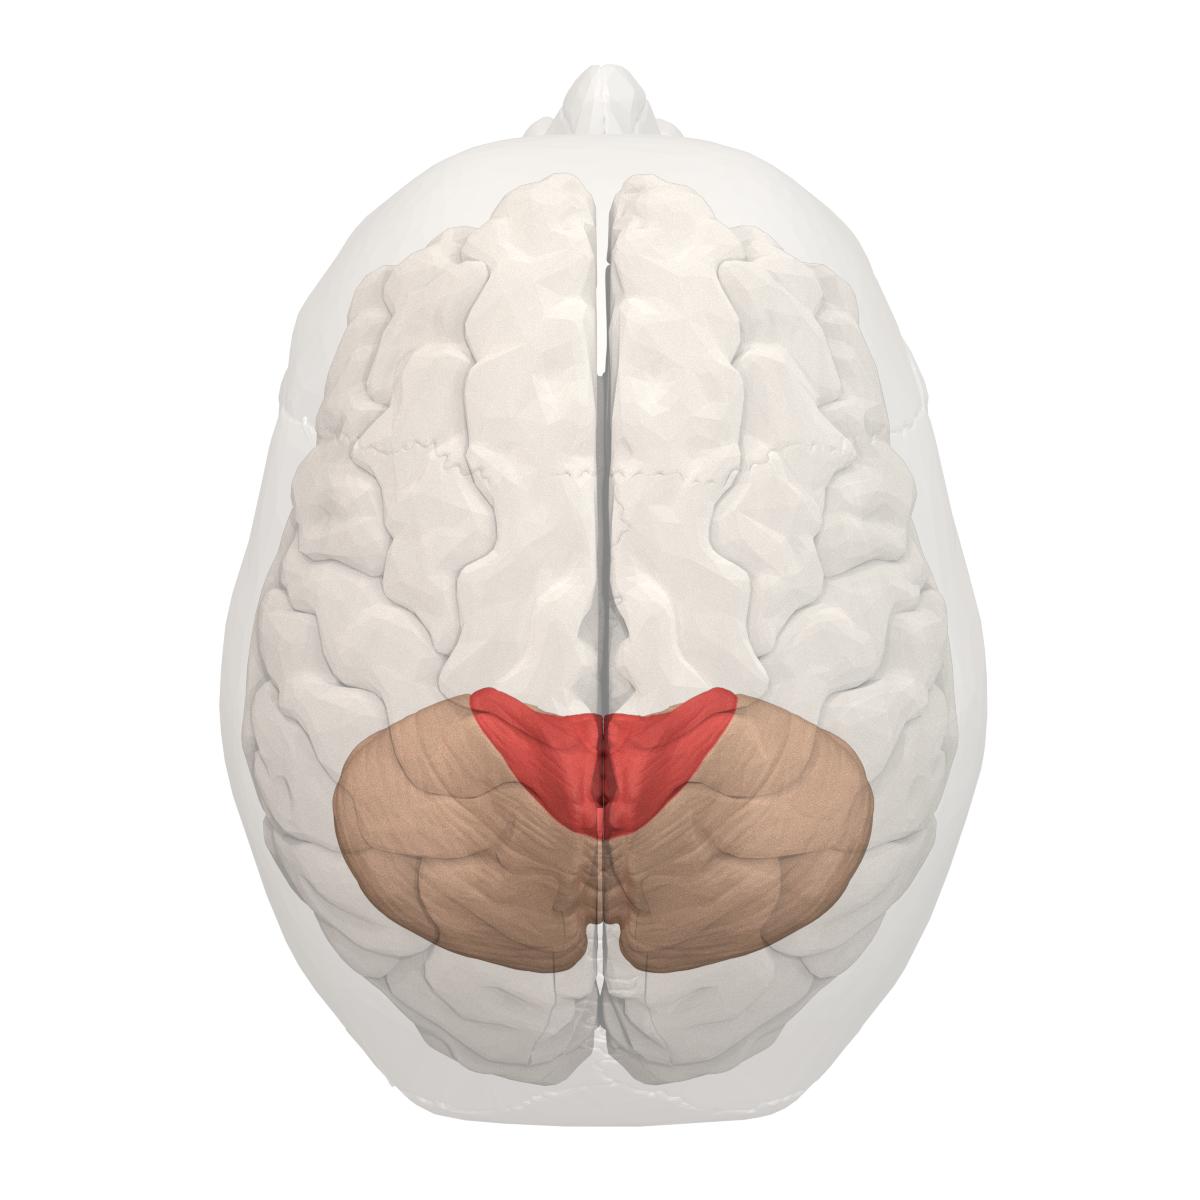 File:Anterior lobe of cerebellum -- 05.png - Wikimedia Commons